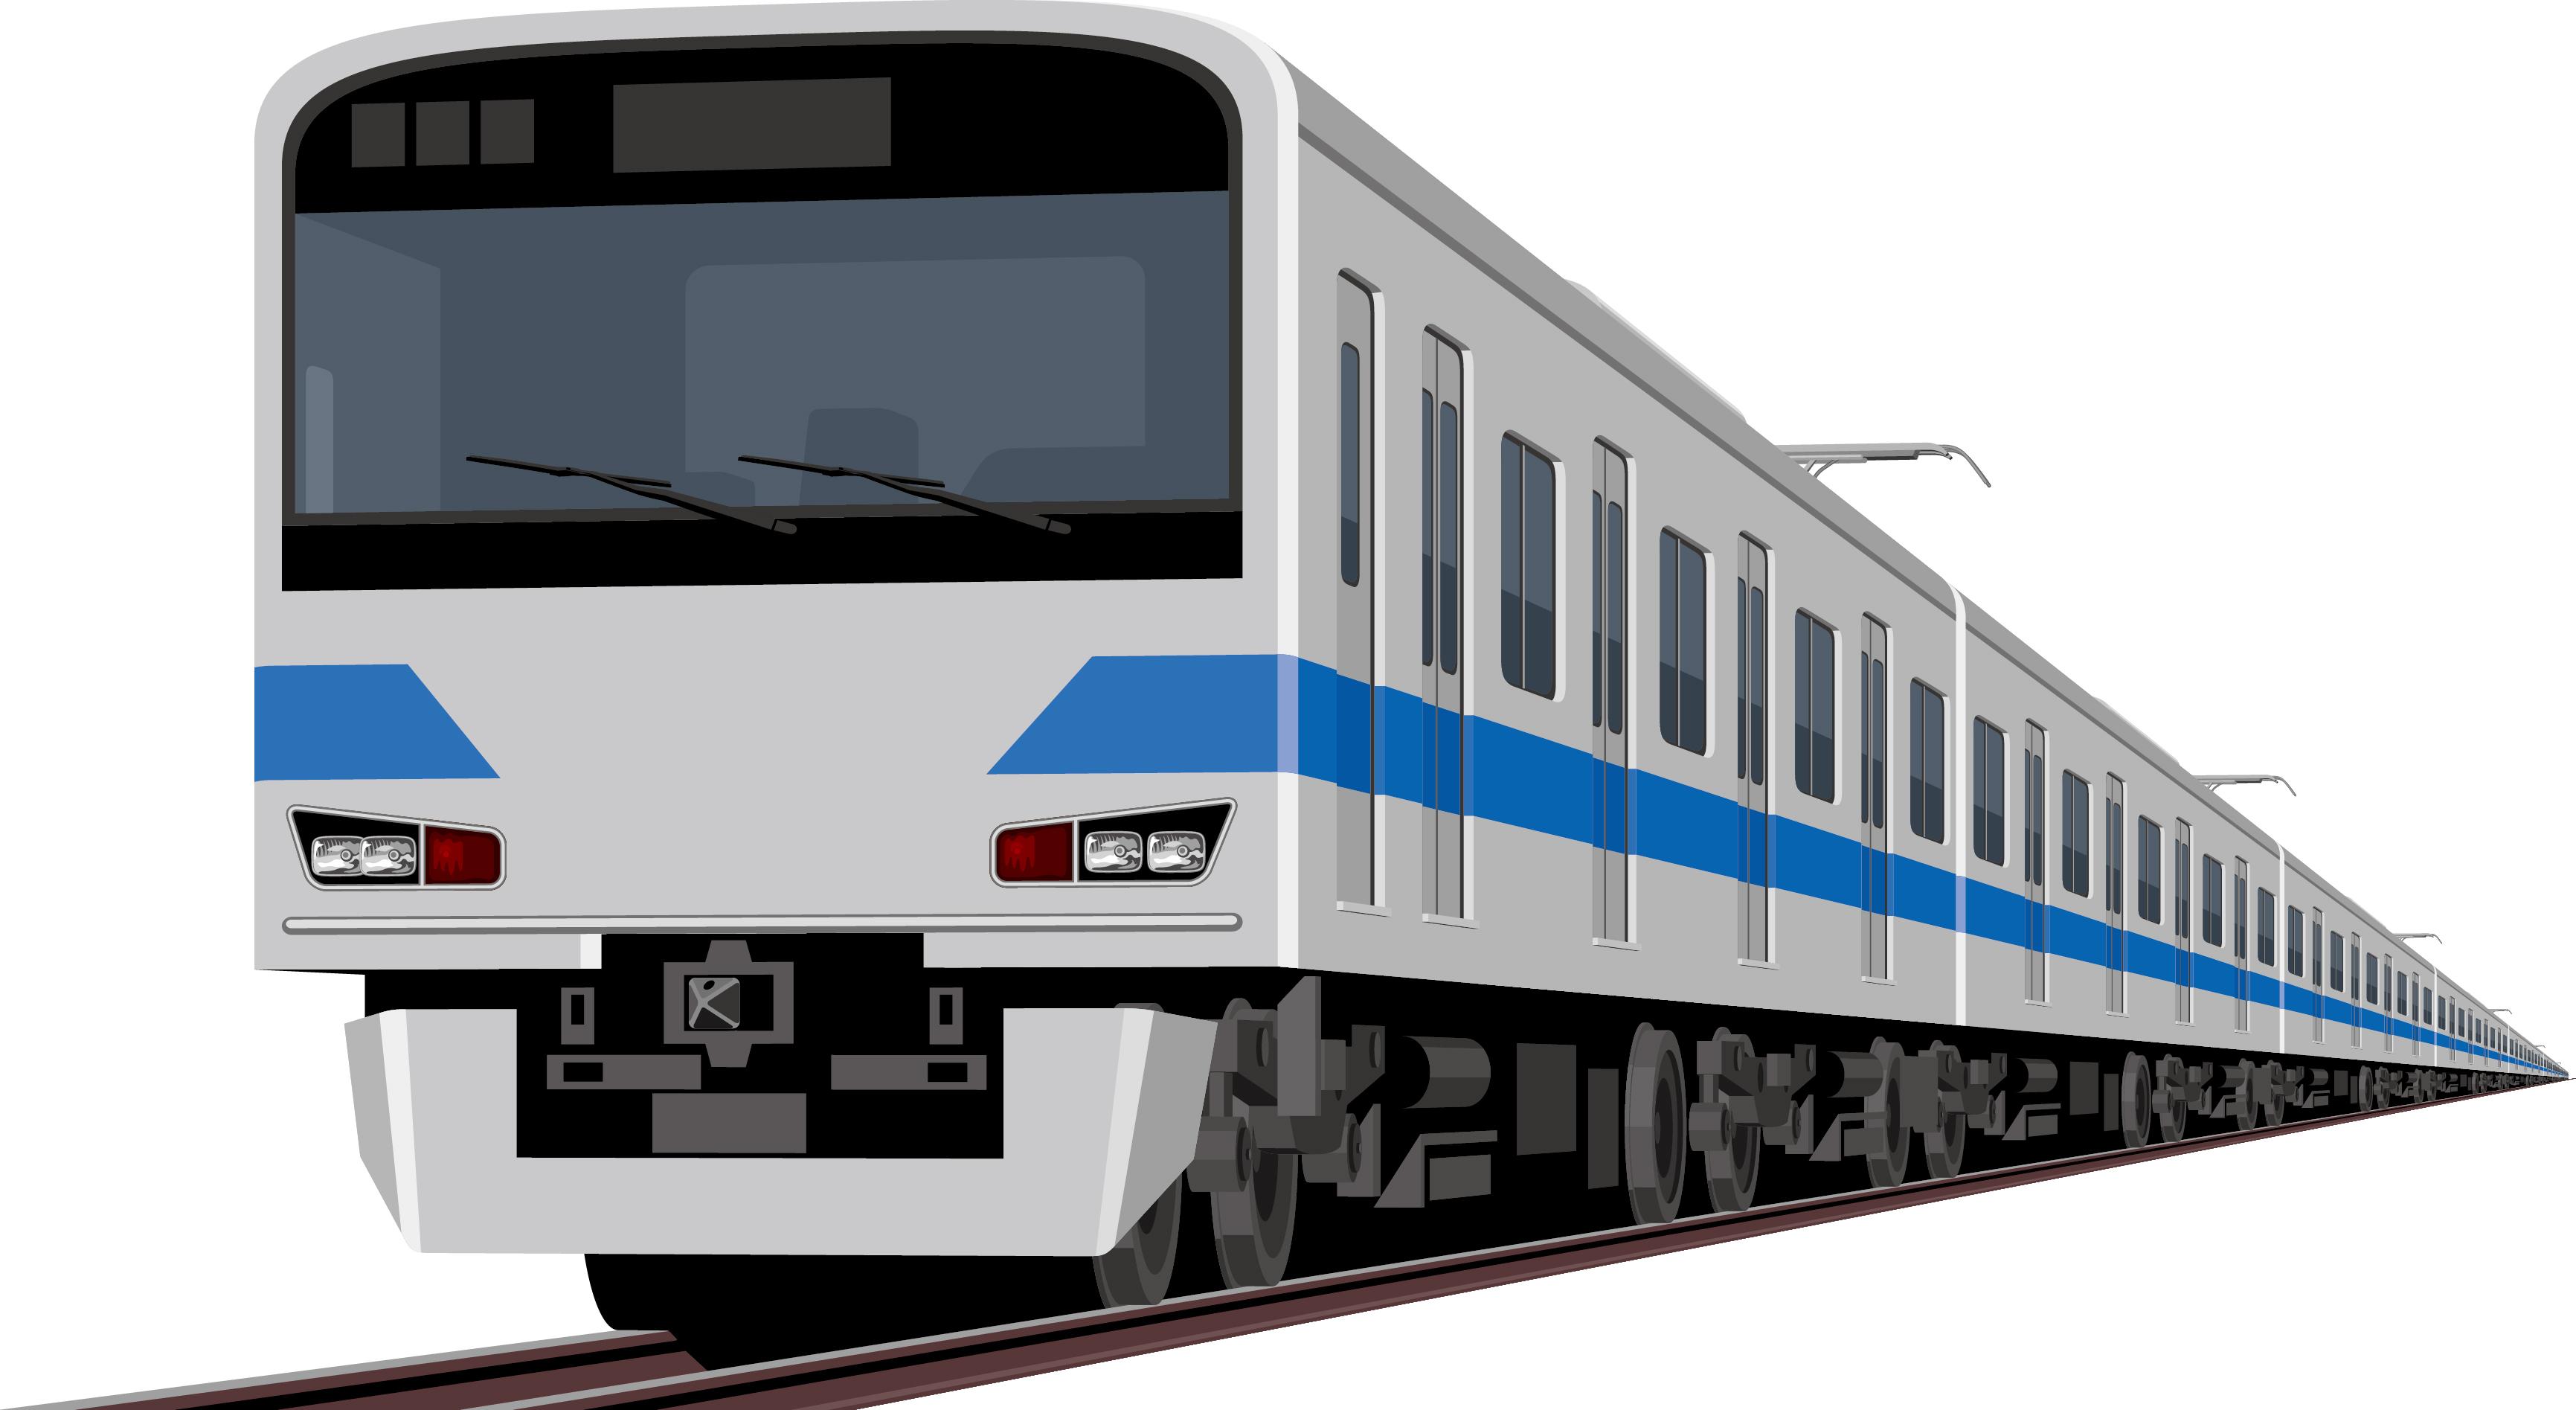 フランス人が感じた日本でのカルチャーギャップ。電車、ごみなど